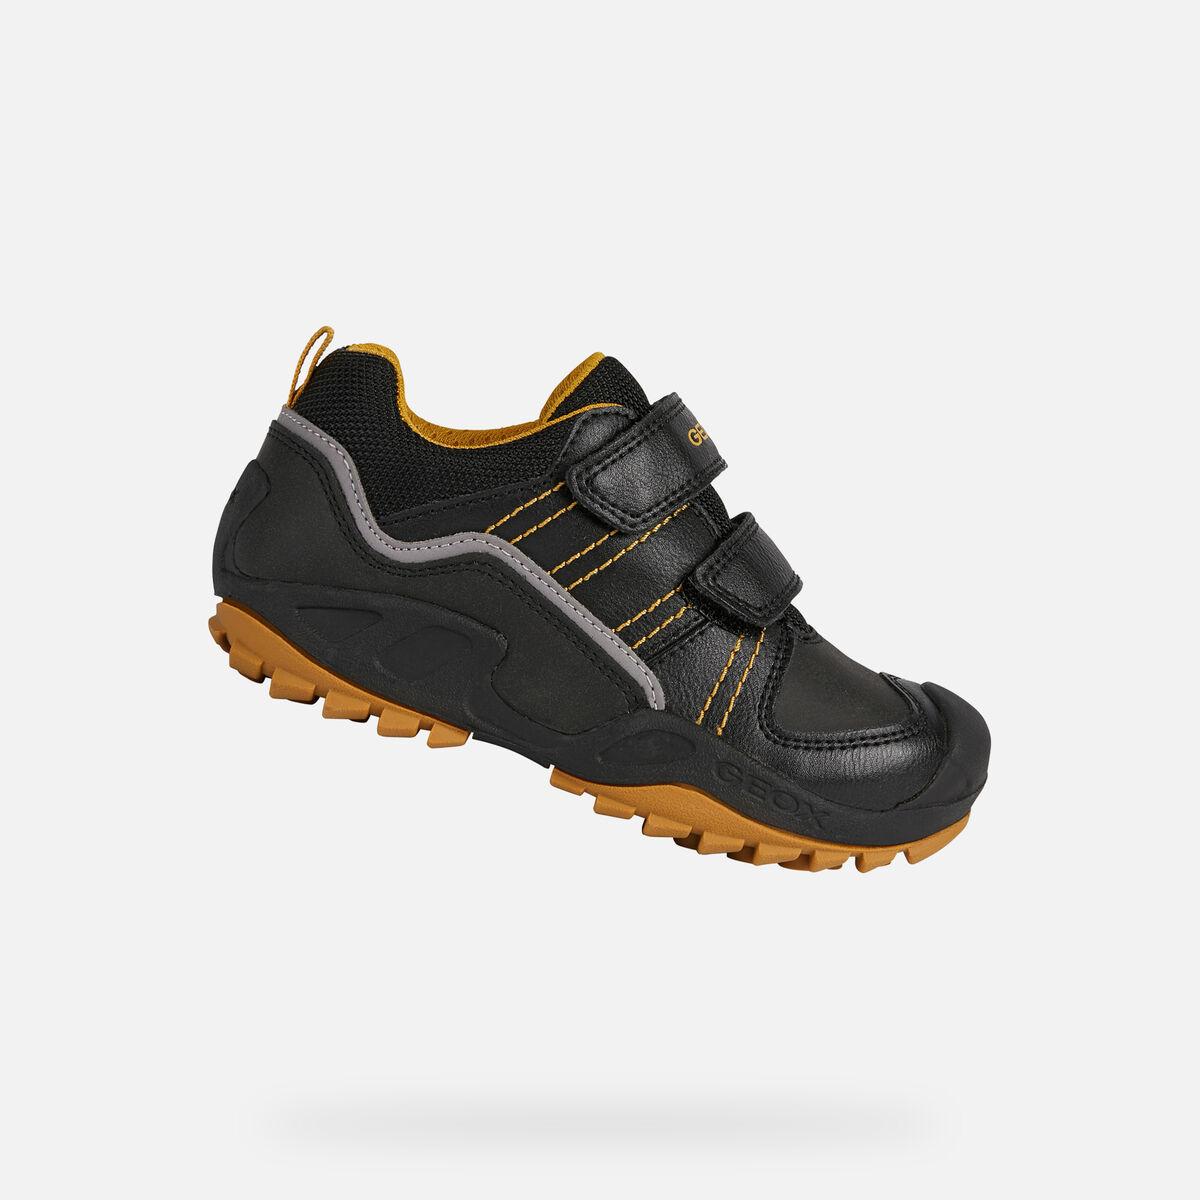 GEOX dětské tenisky NEW SAVAGE BOY černé - žluté -  J041VA